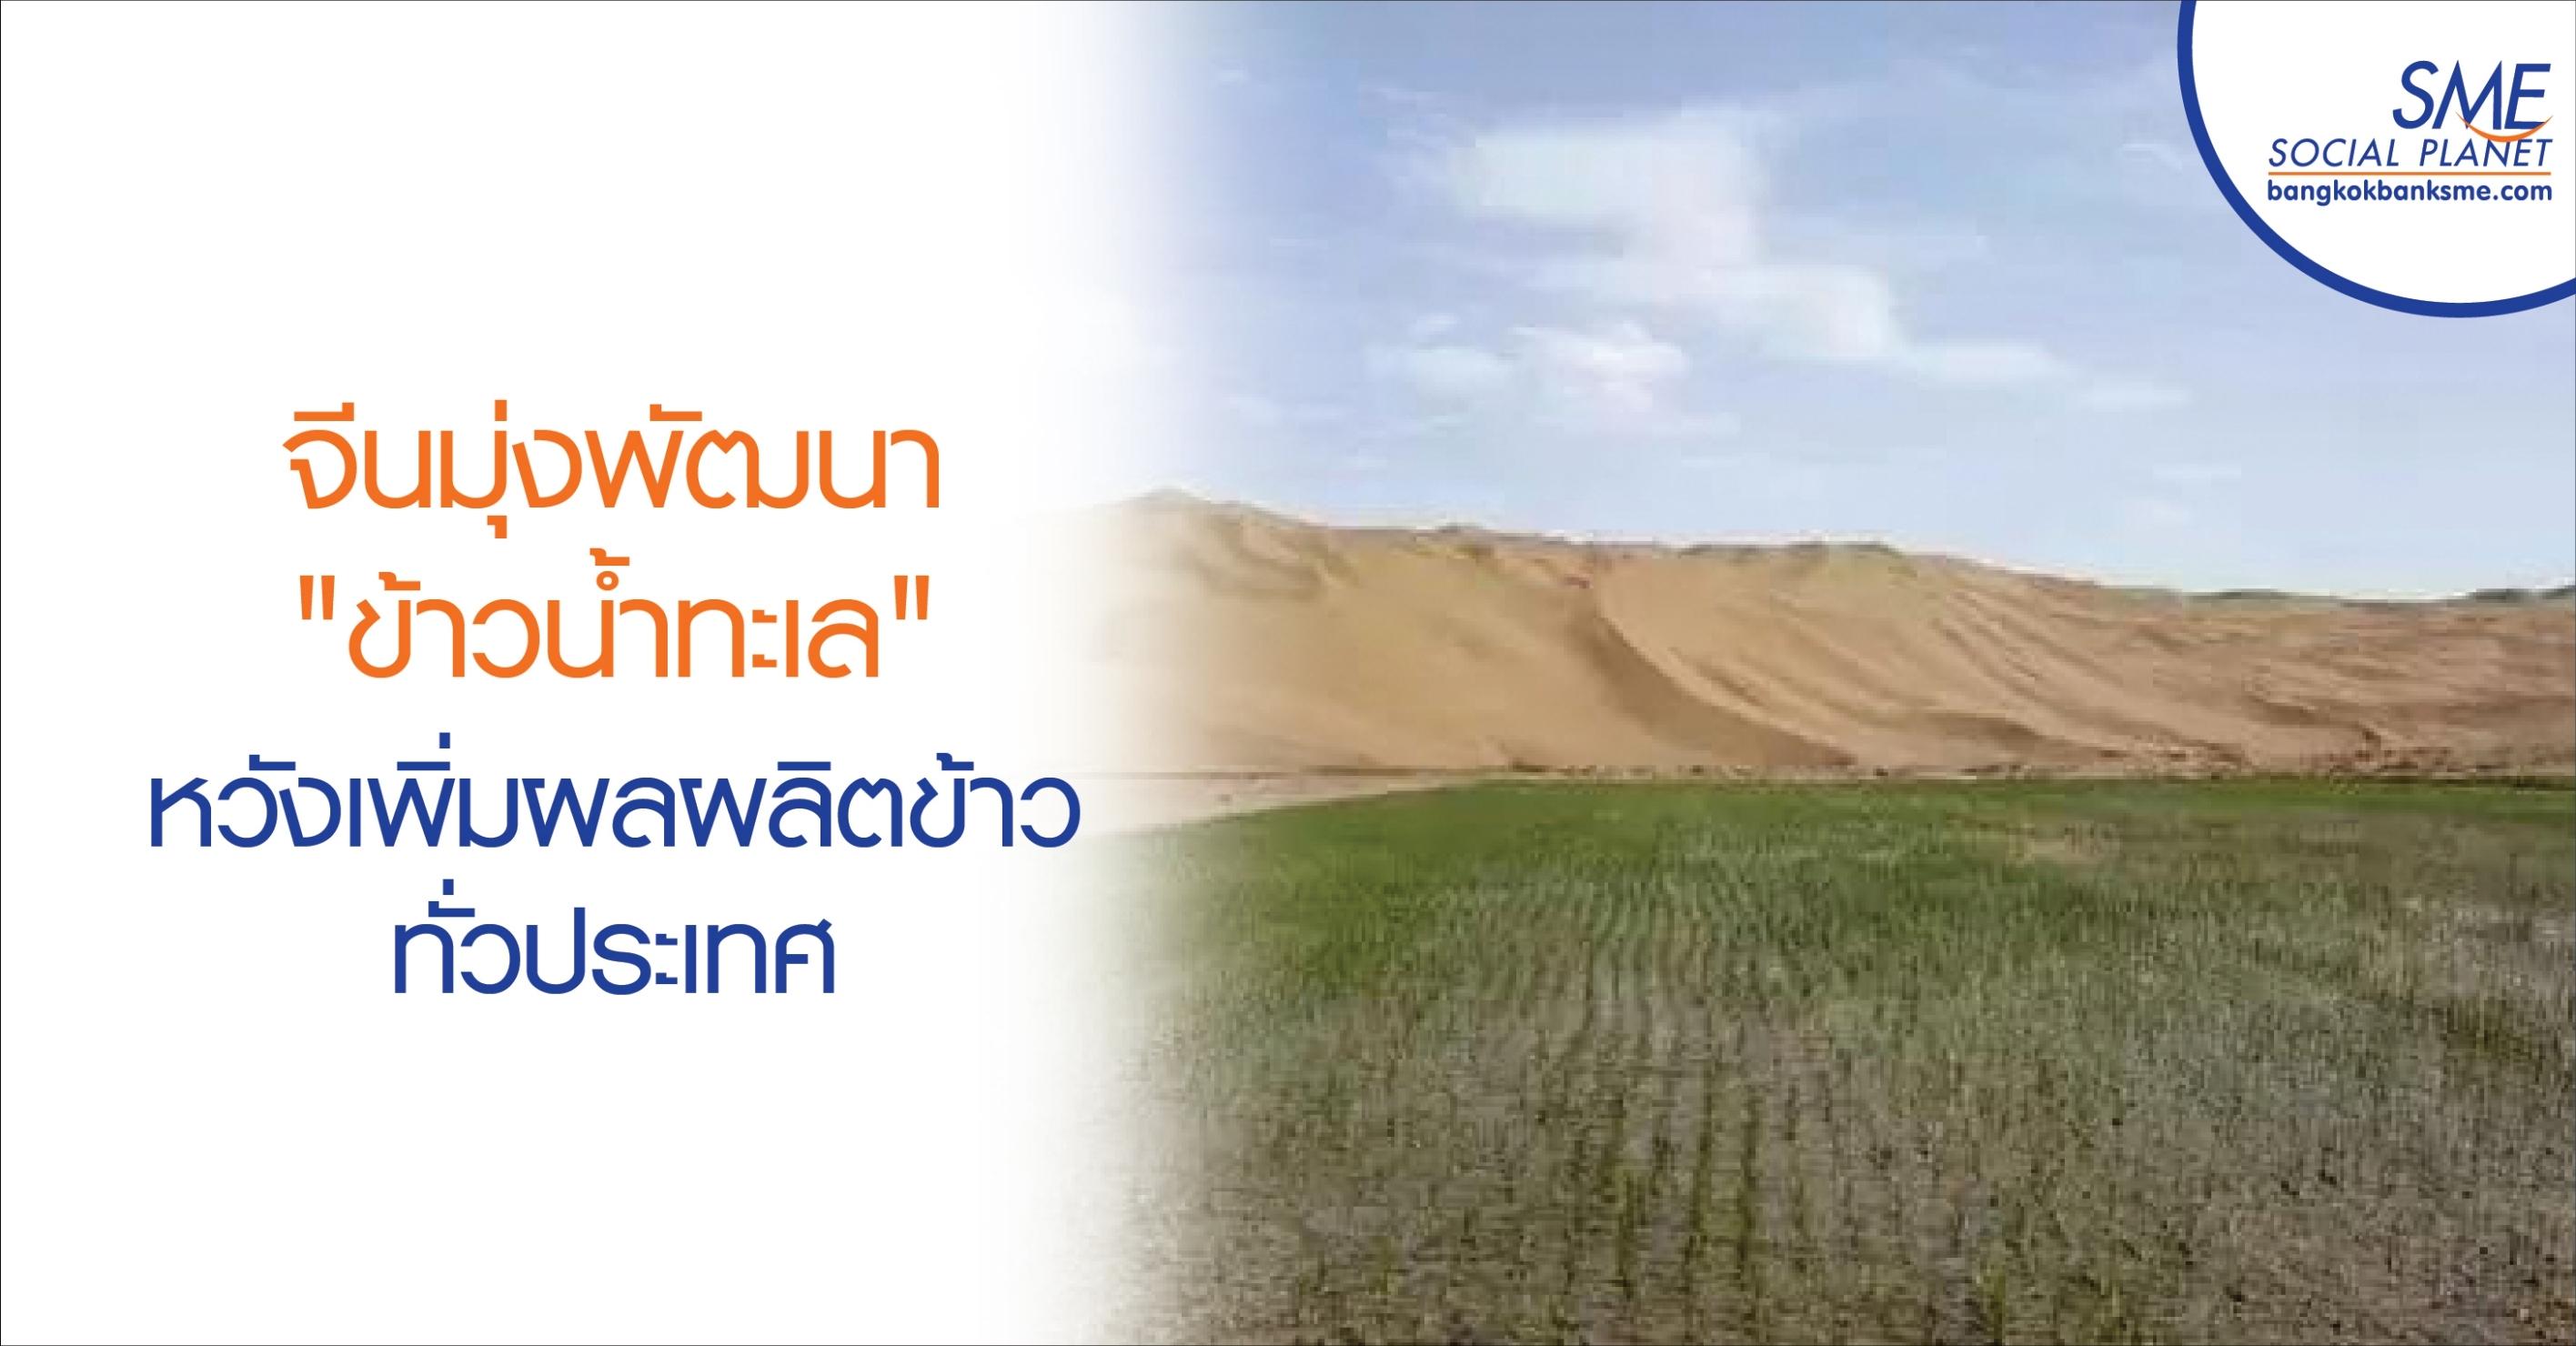 """จีนมุ่งพัฒนา """"ข้าวน้ำทะเล"""" หวังเพิ่มผลผลิตข้าวทั่วประเทศ"""